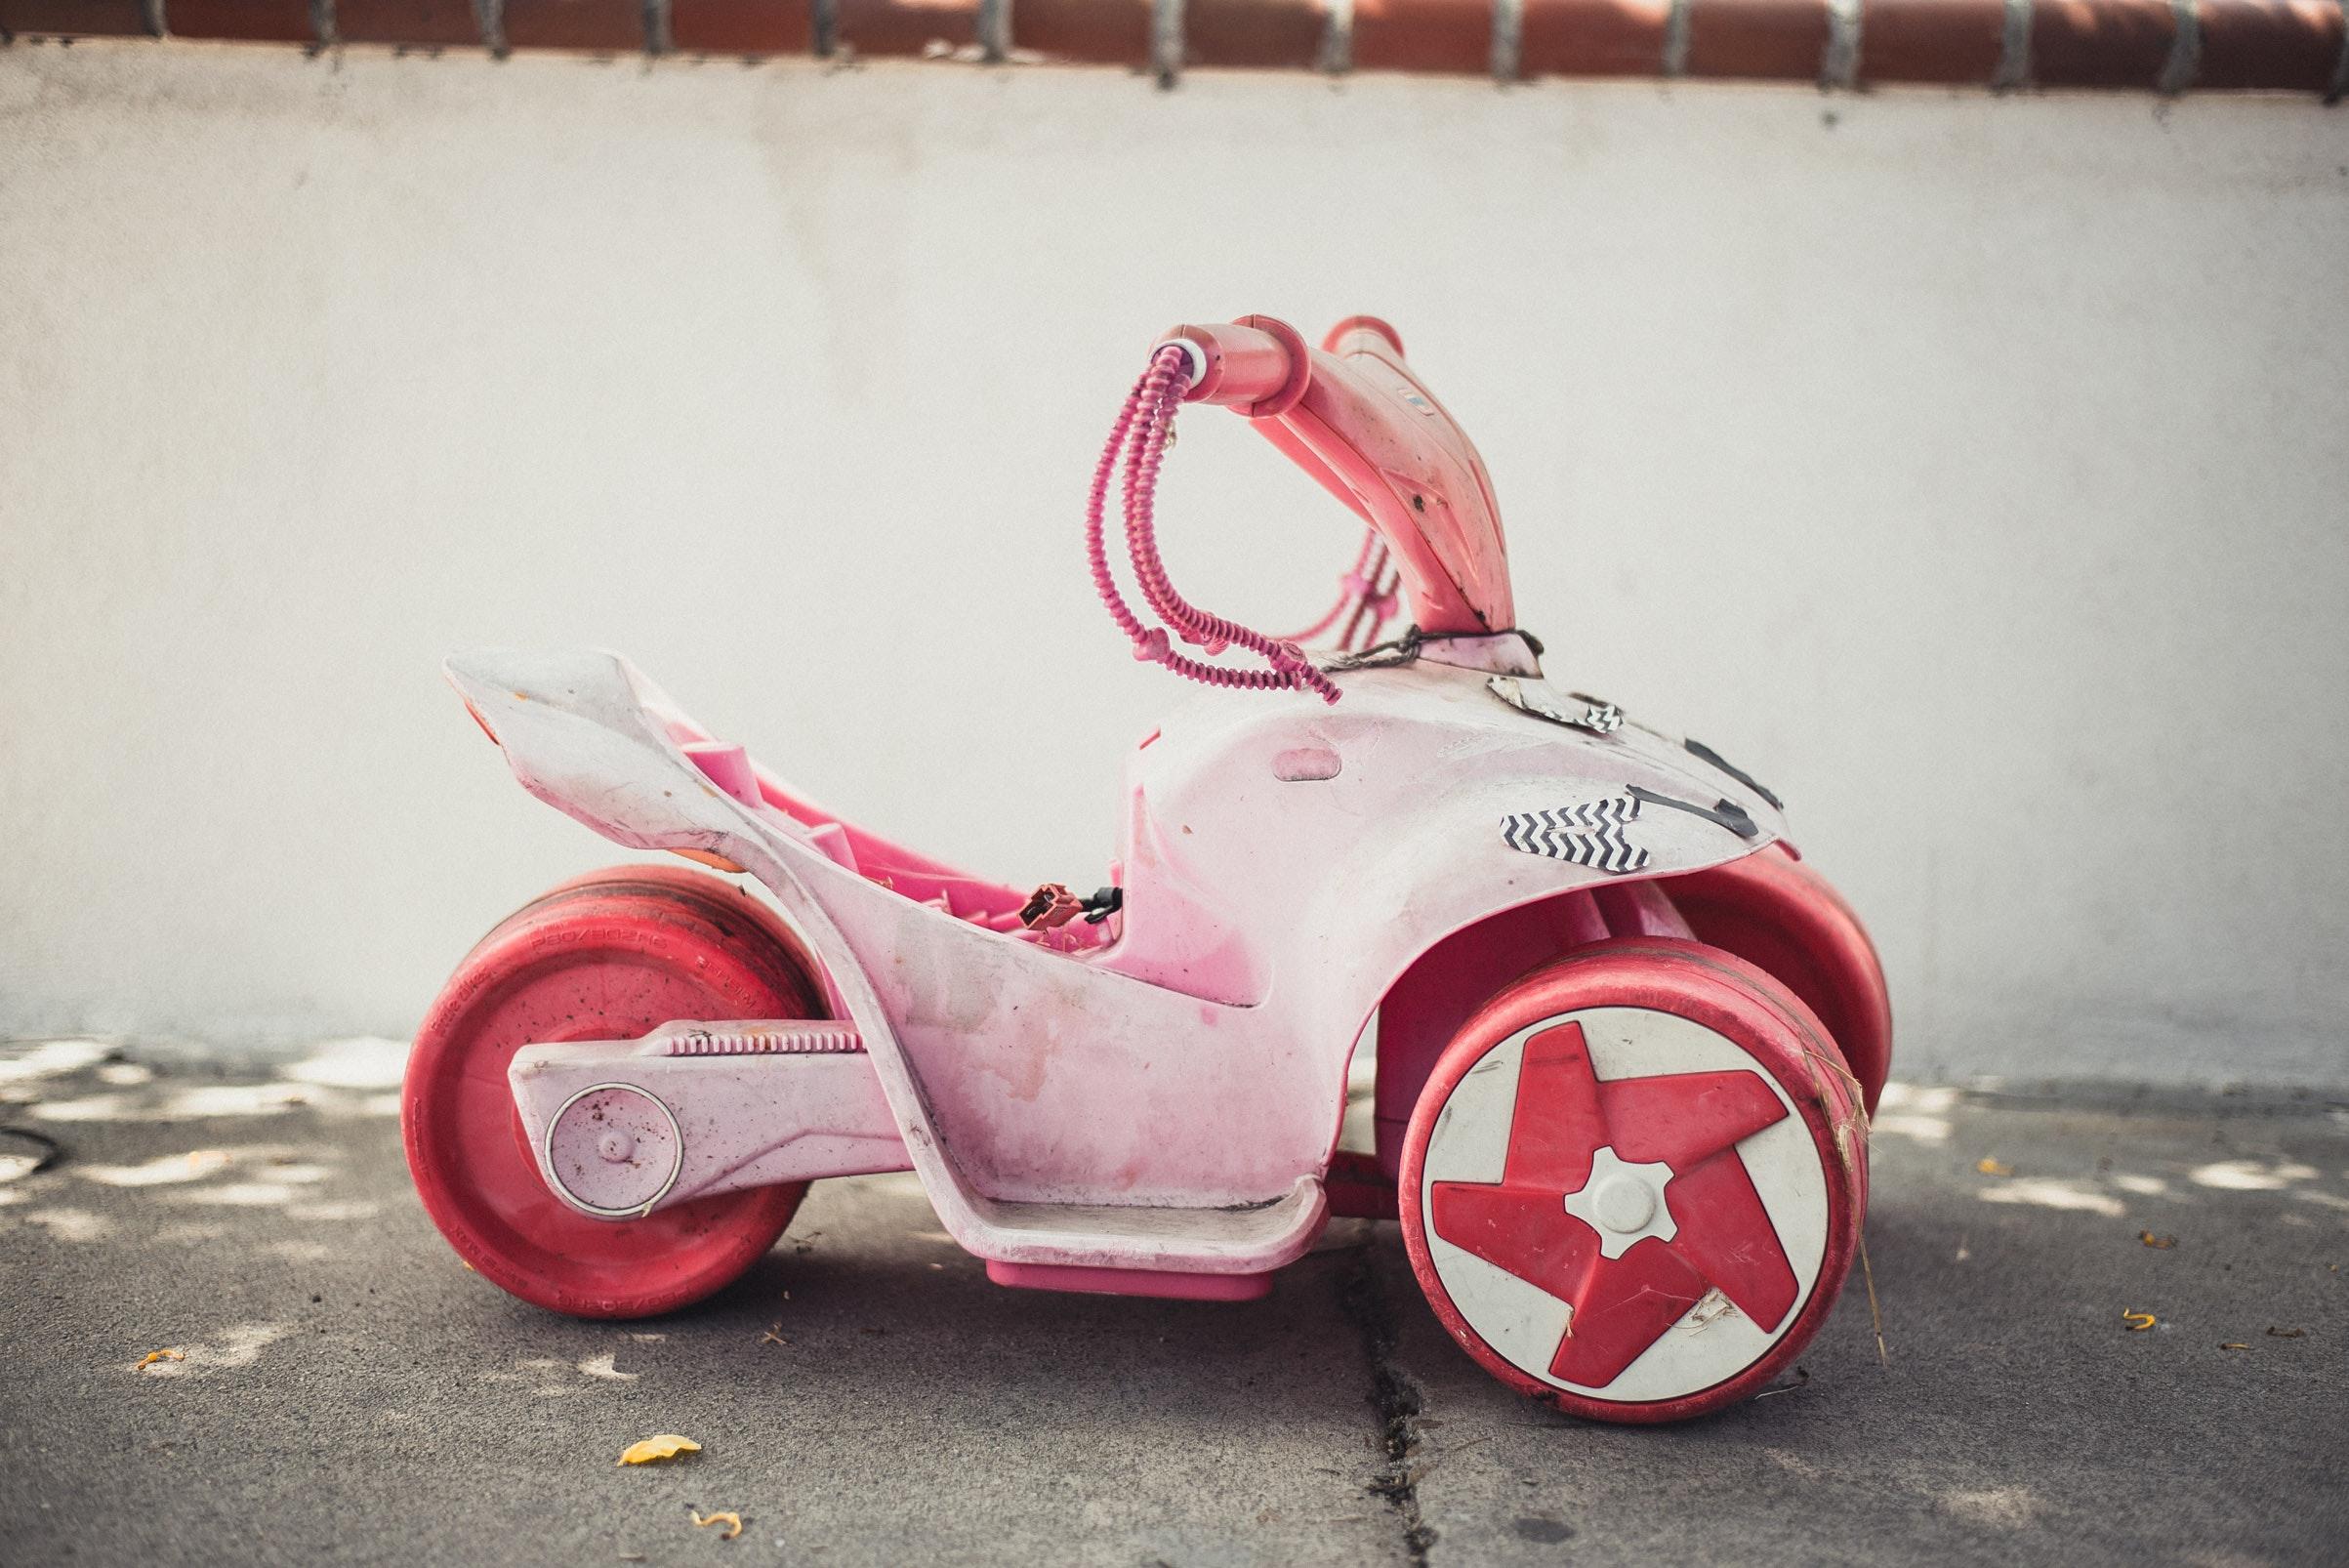 Gåbil barn test: Topp 5 gåbiler for økt motorikk og balanse